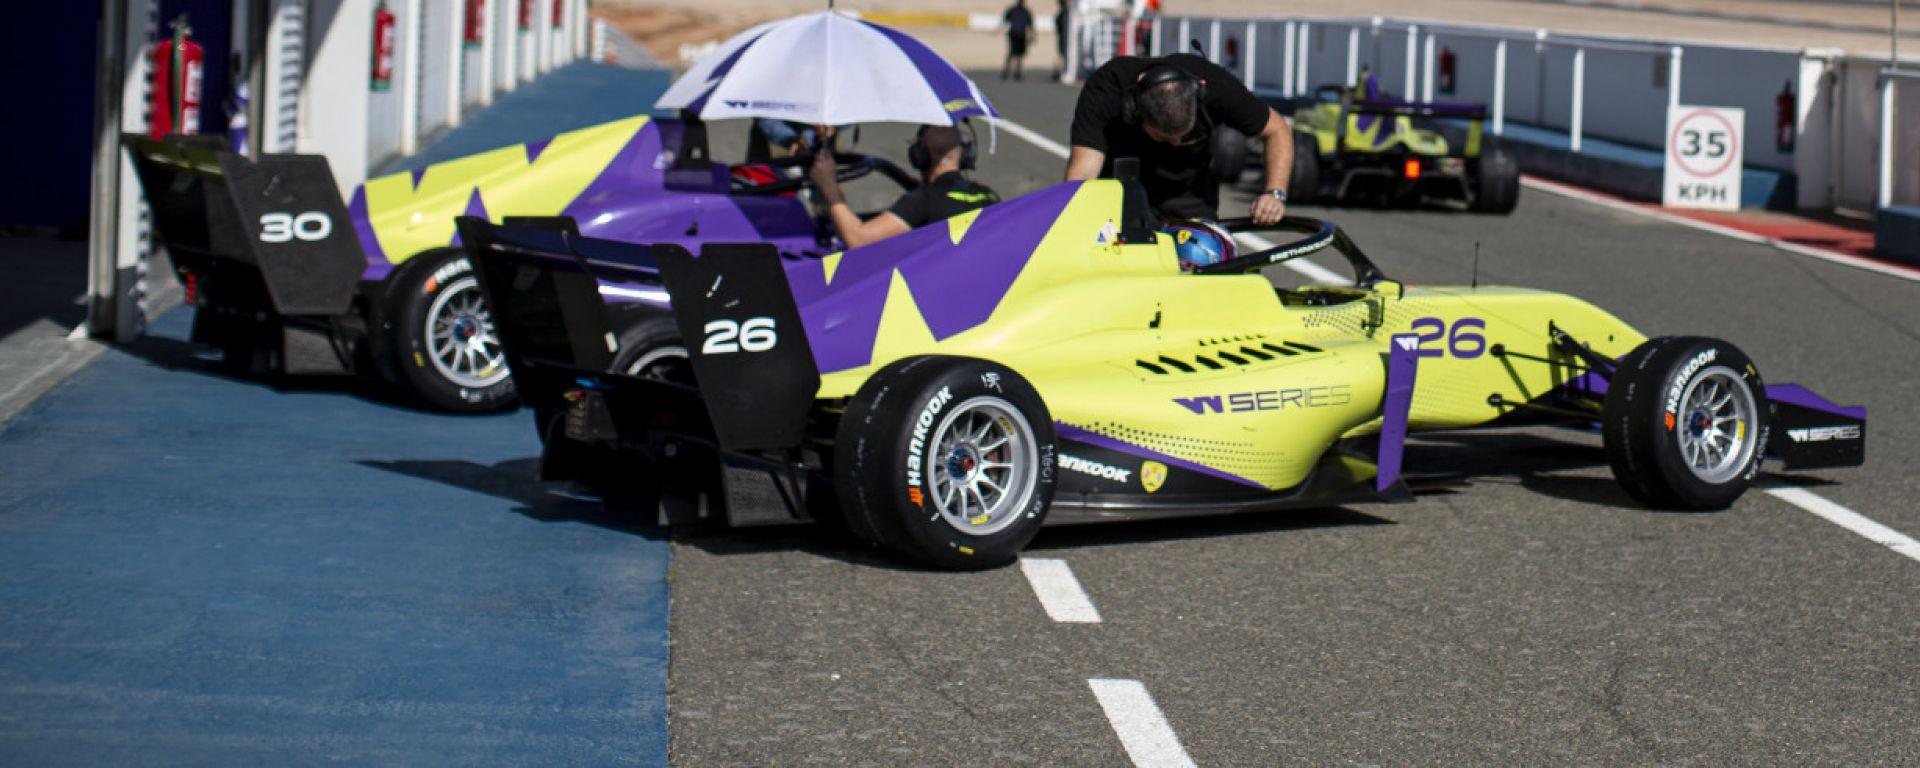 W-Series 2020, test Almeria: le monoposto durante i test